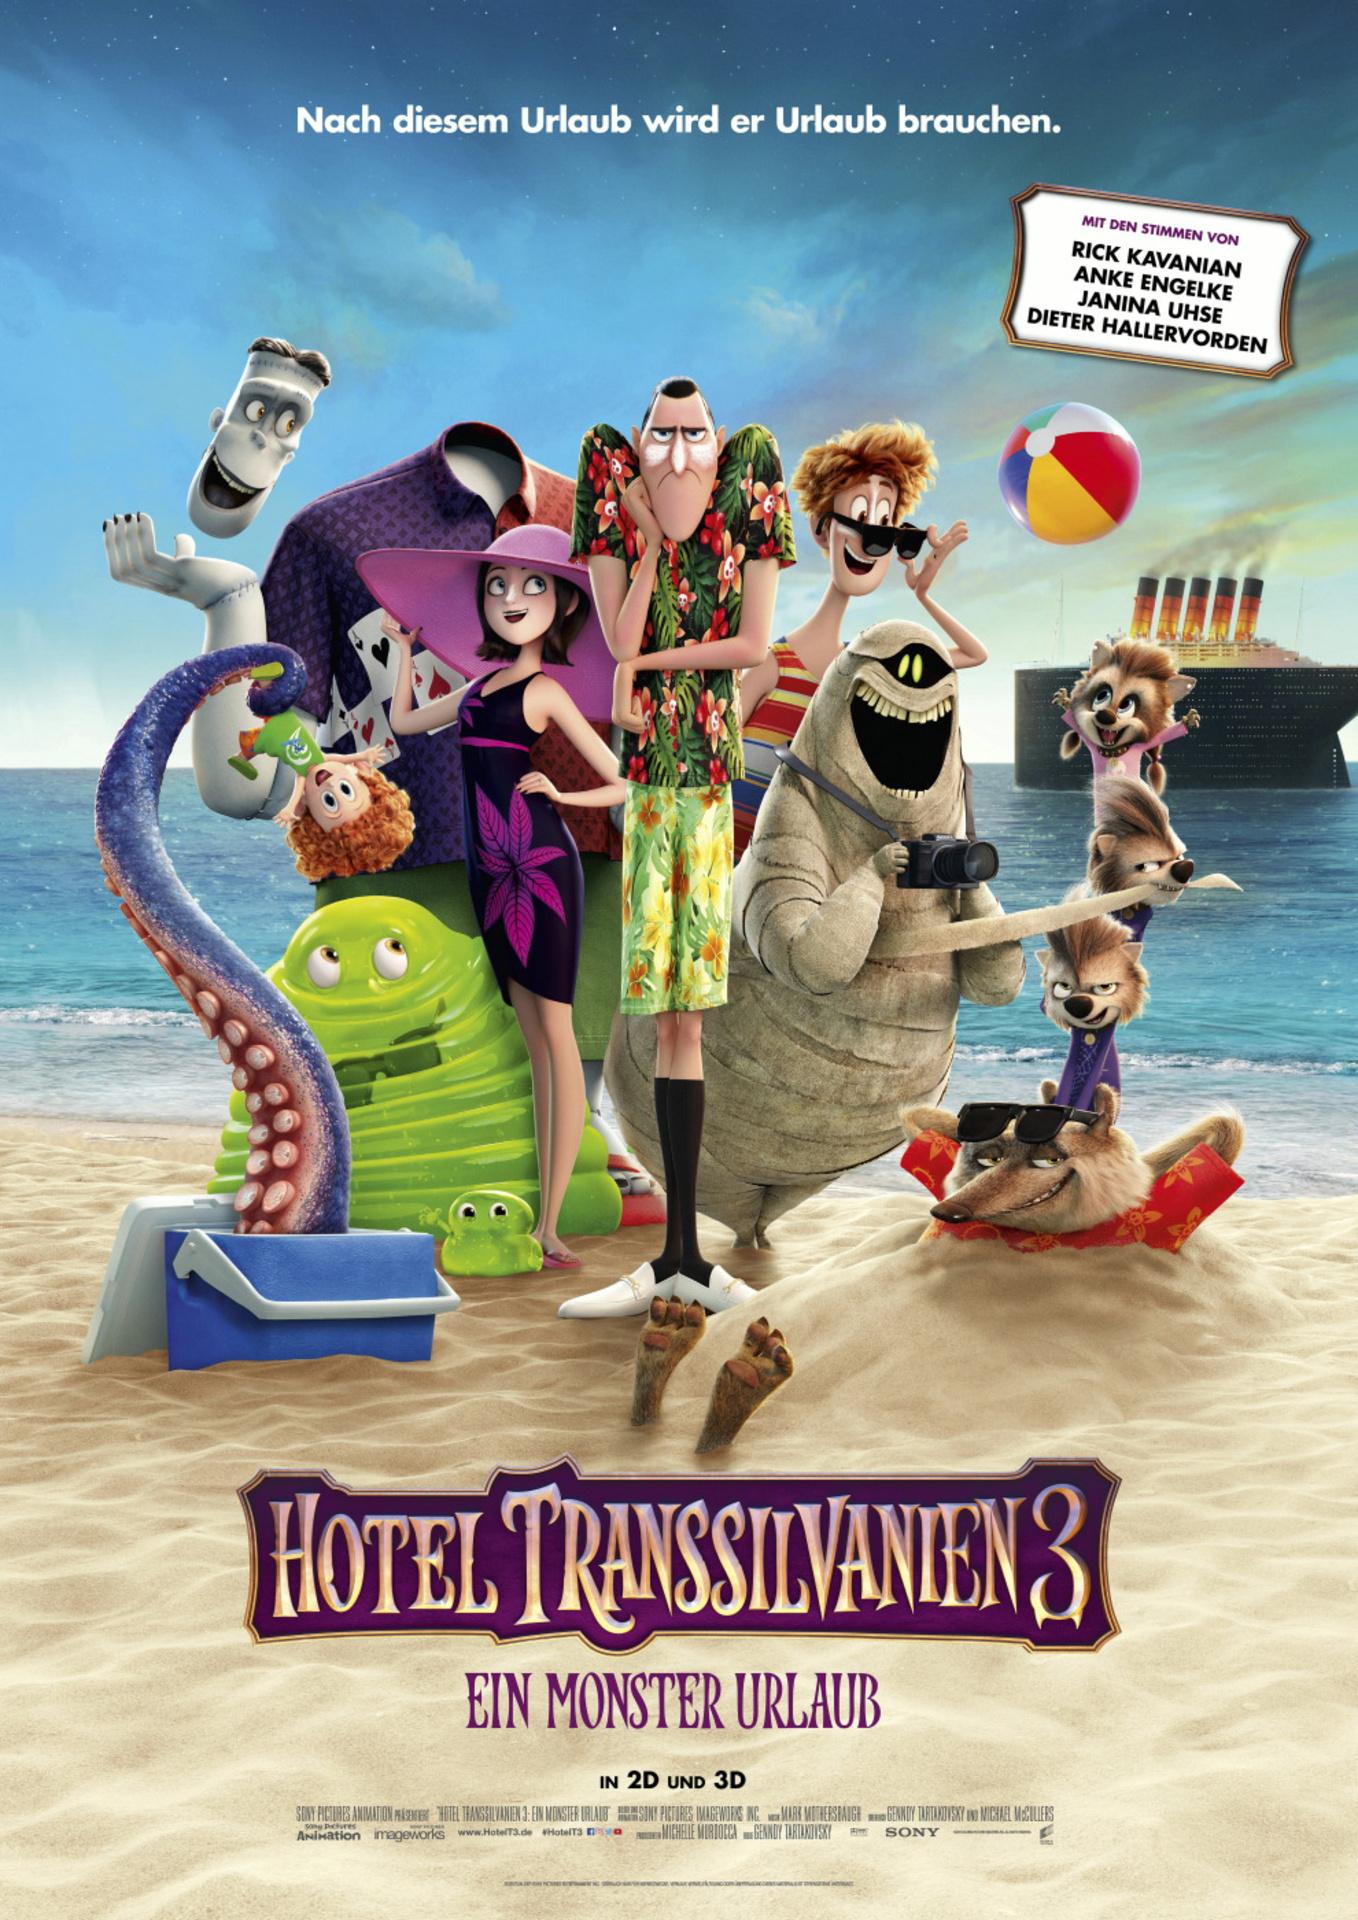 Hotel Transsilvanien 3 - Ein Monsterurlaub